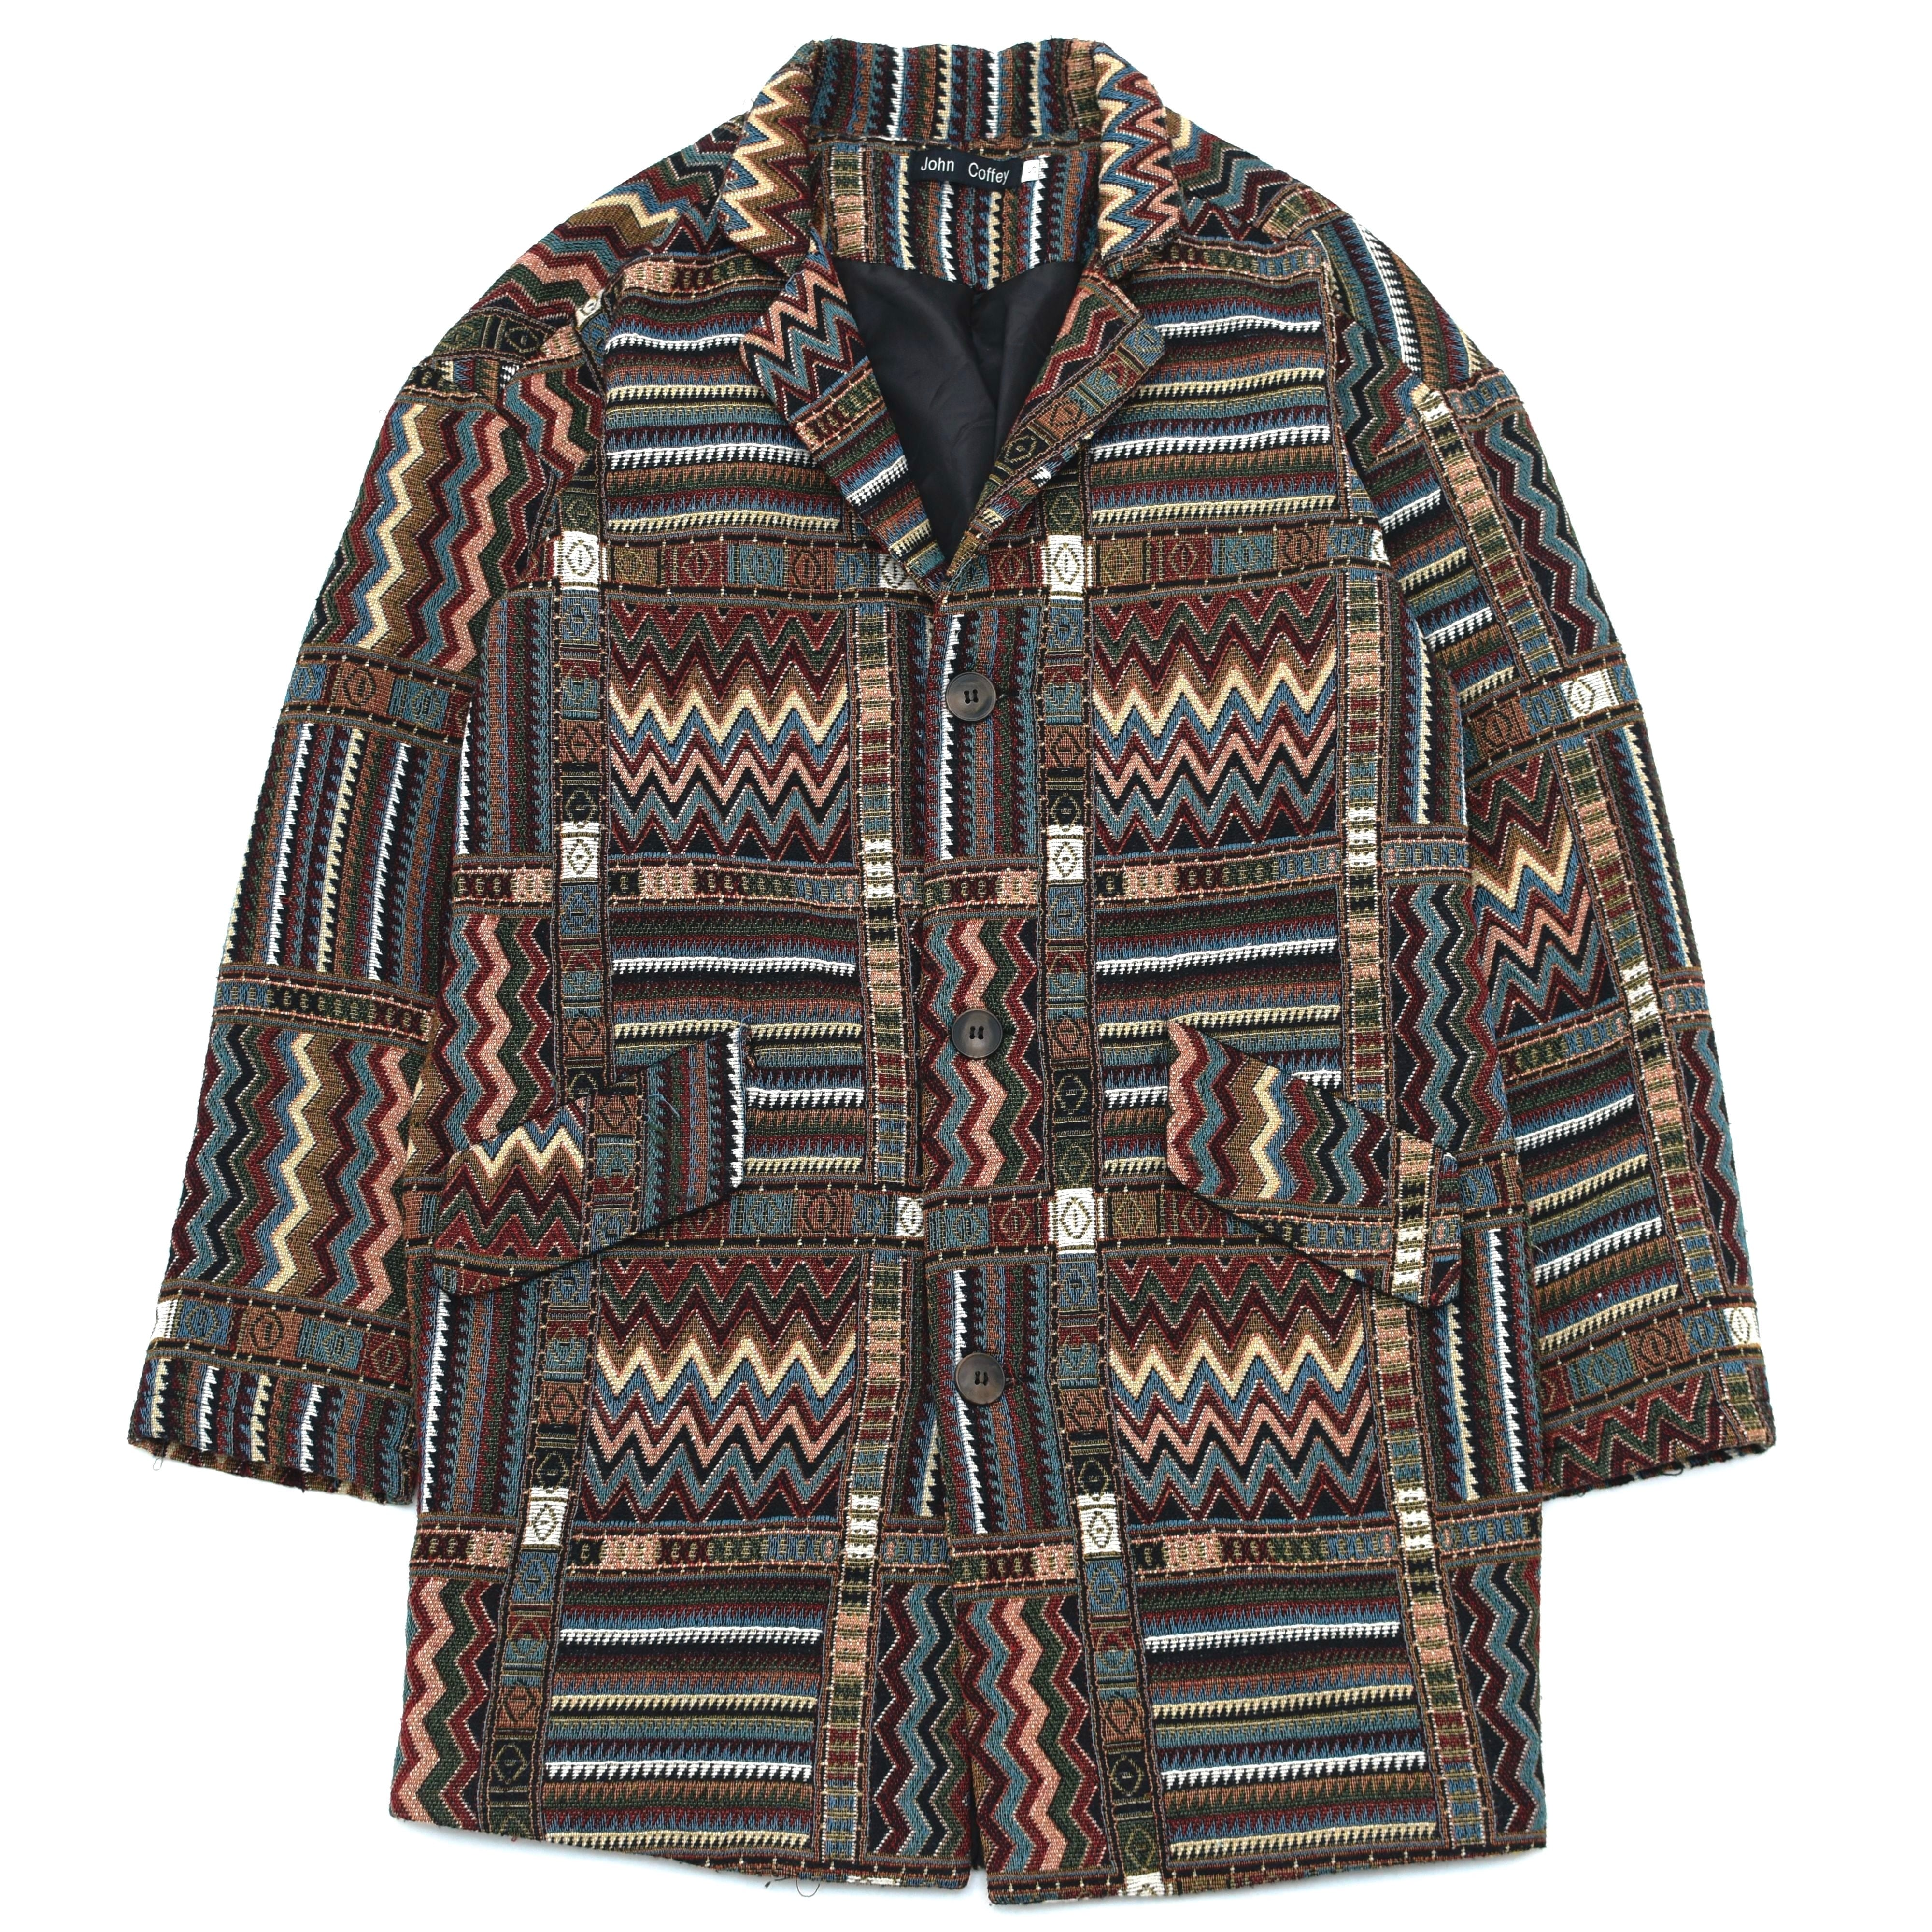 Native pattern gobelin jacket